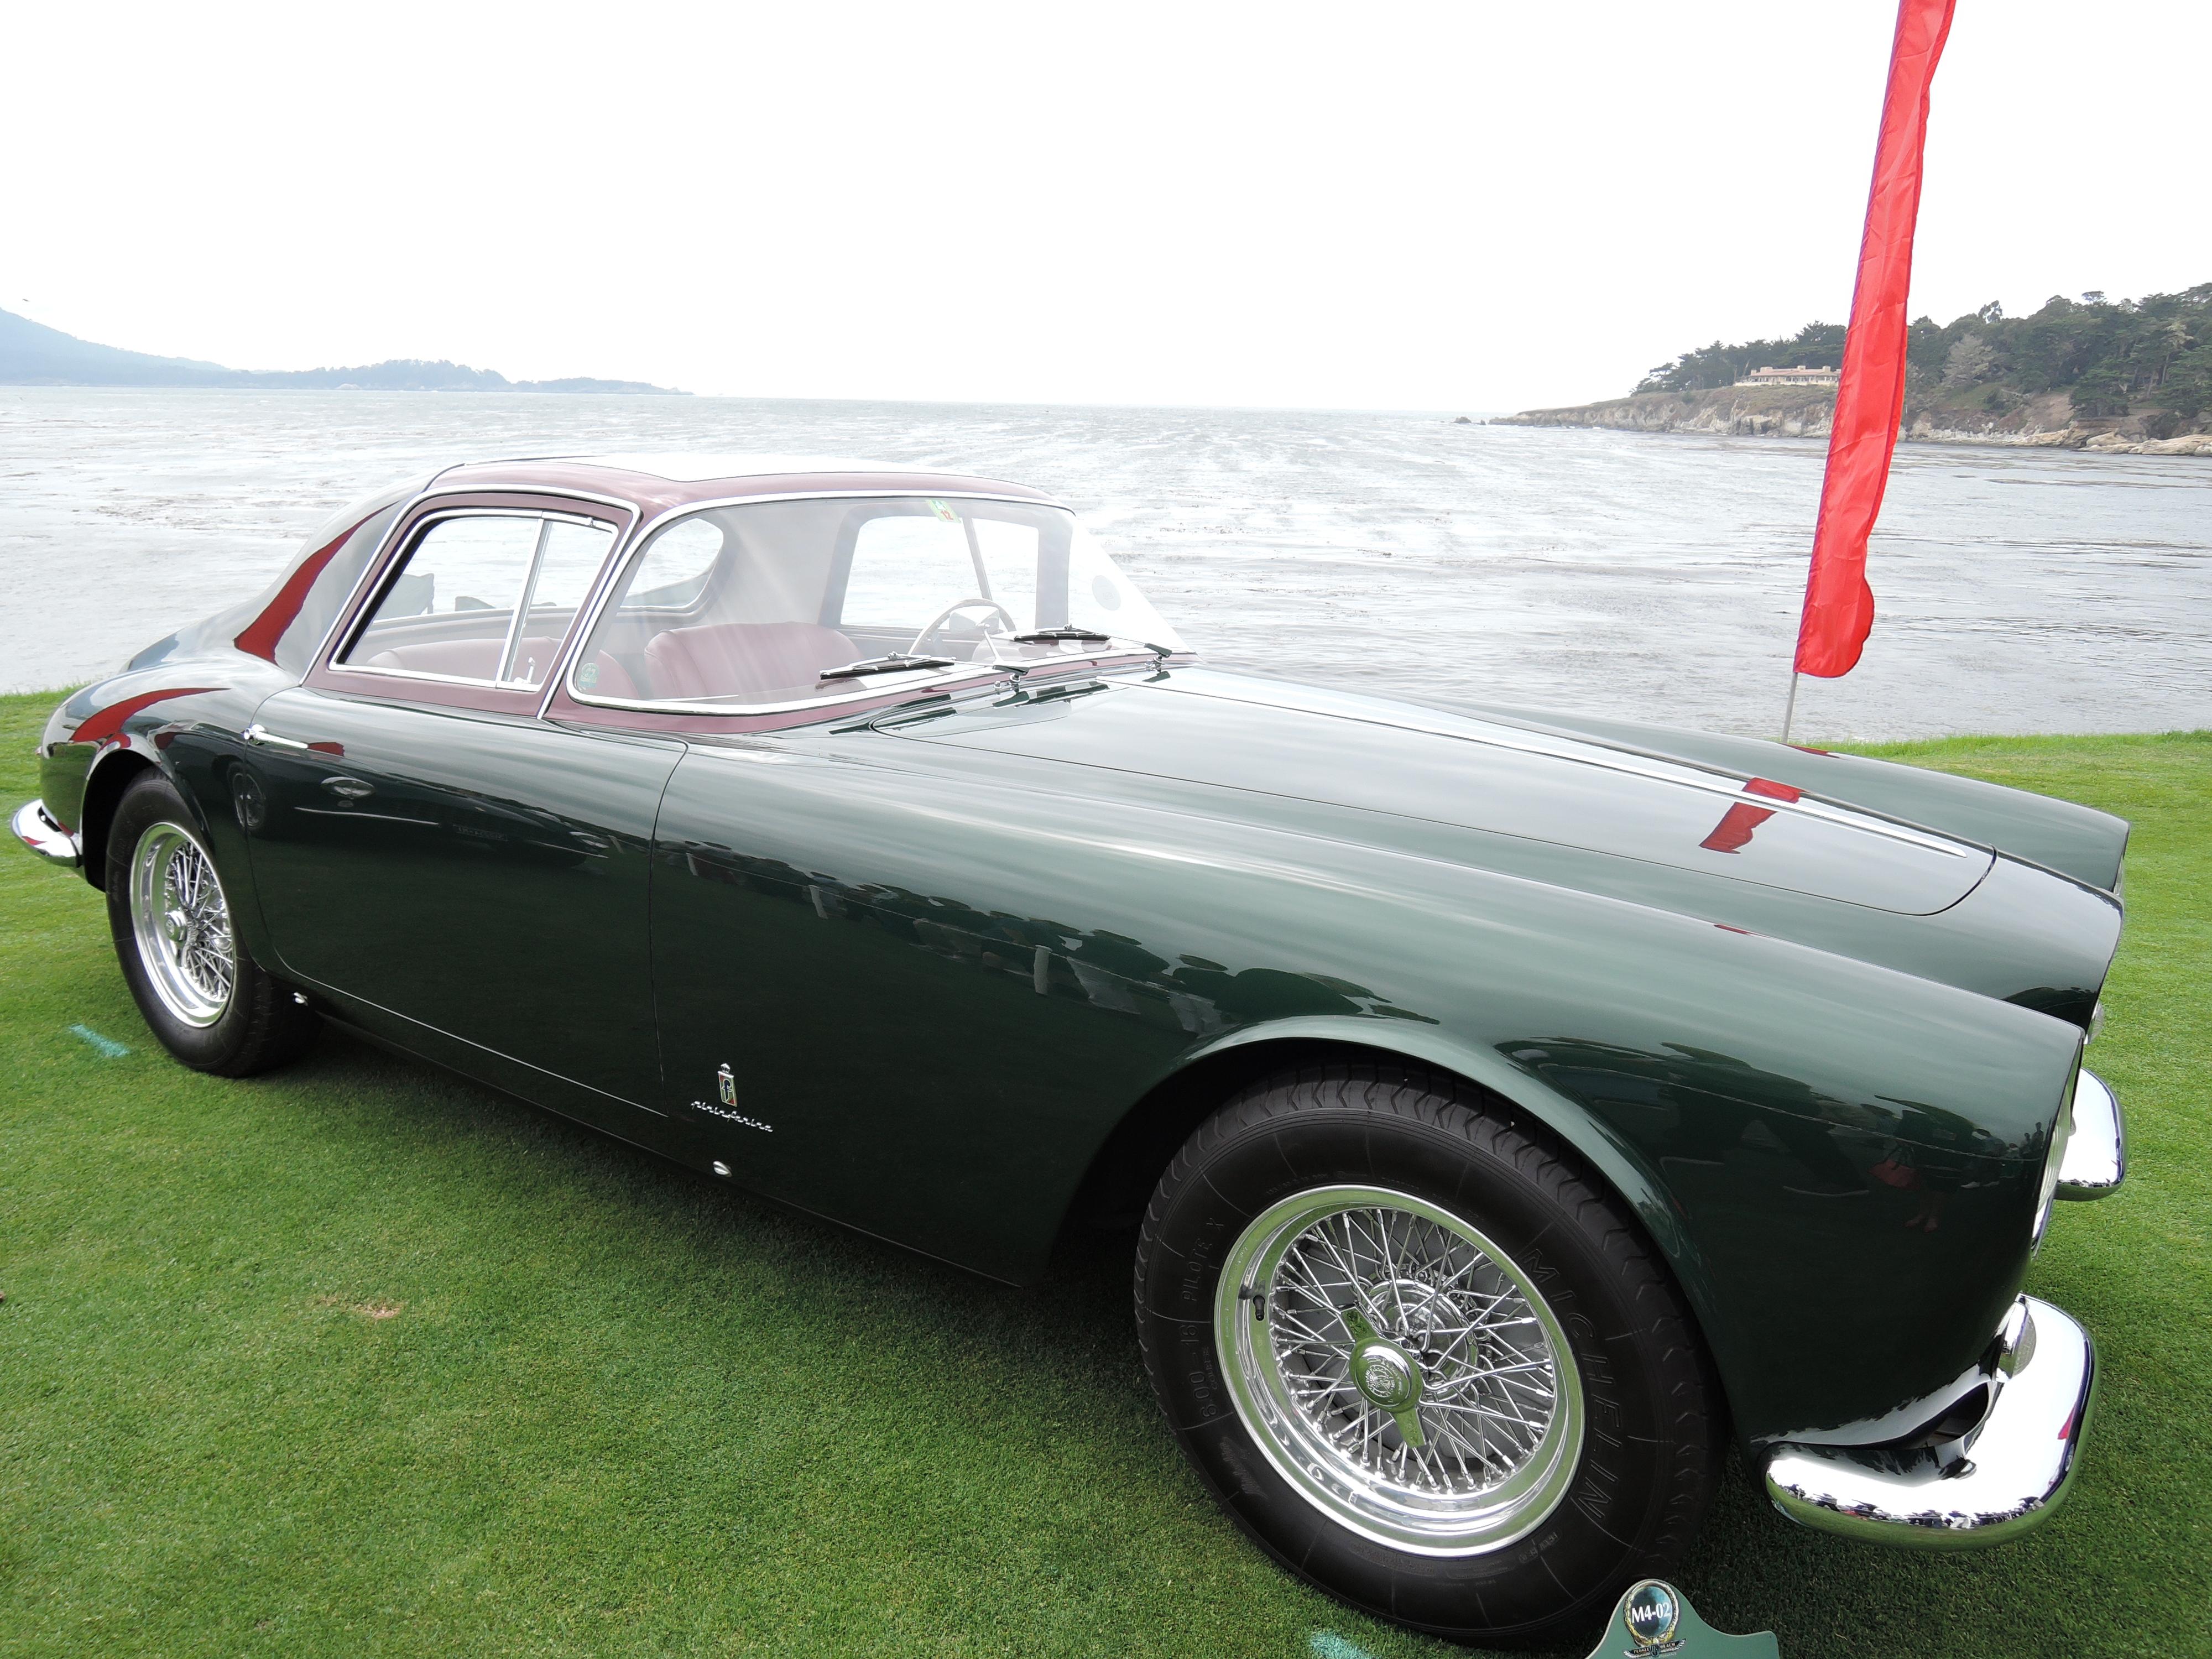 green 1955 Ferrari 375 America Pinin Farina Coupe Speciale - Pebble Beach Concours d'Elegance 2017